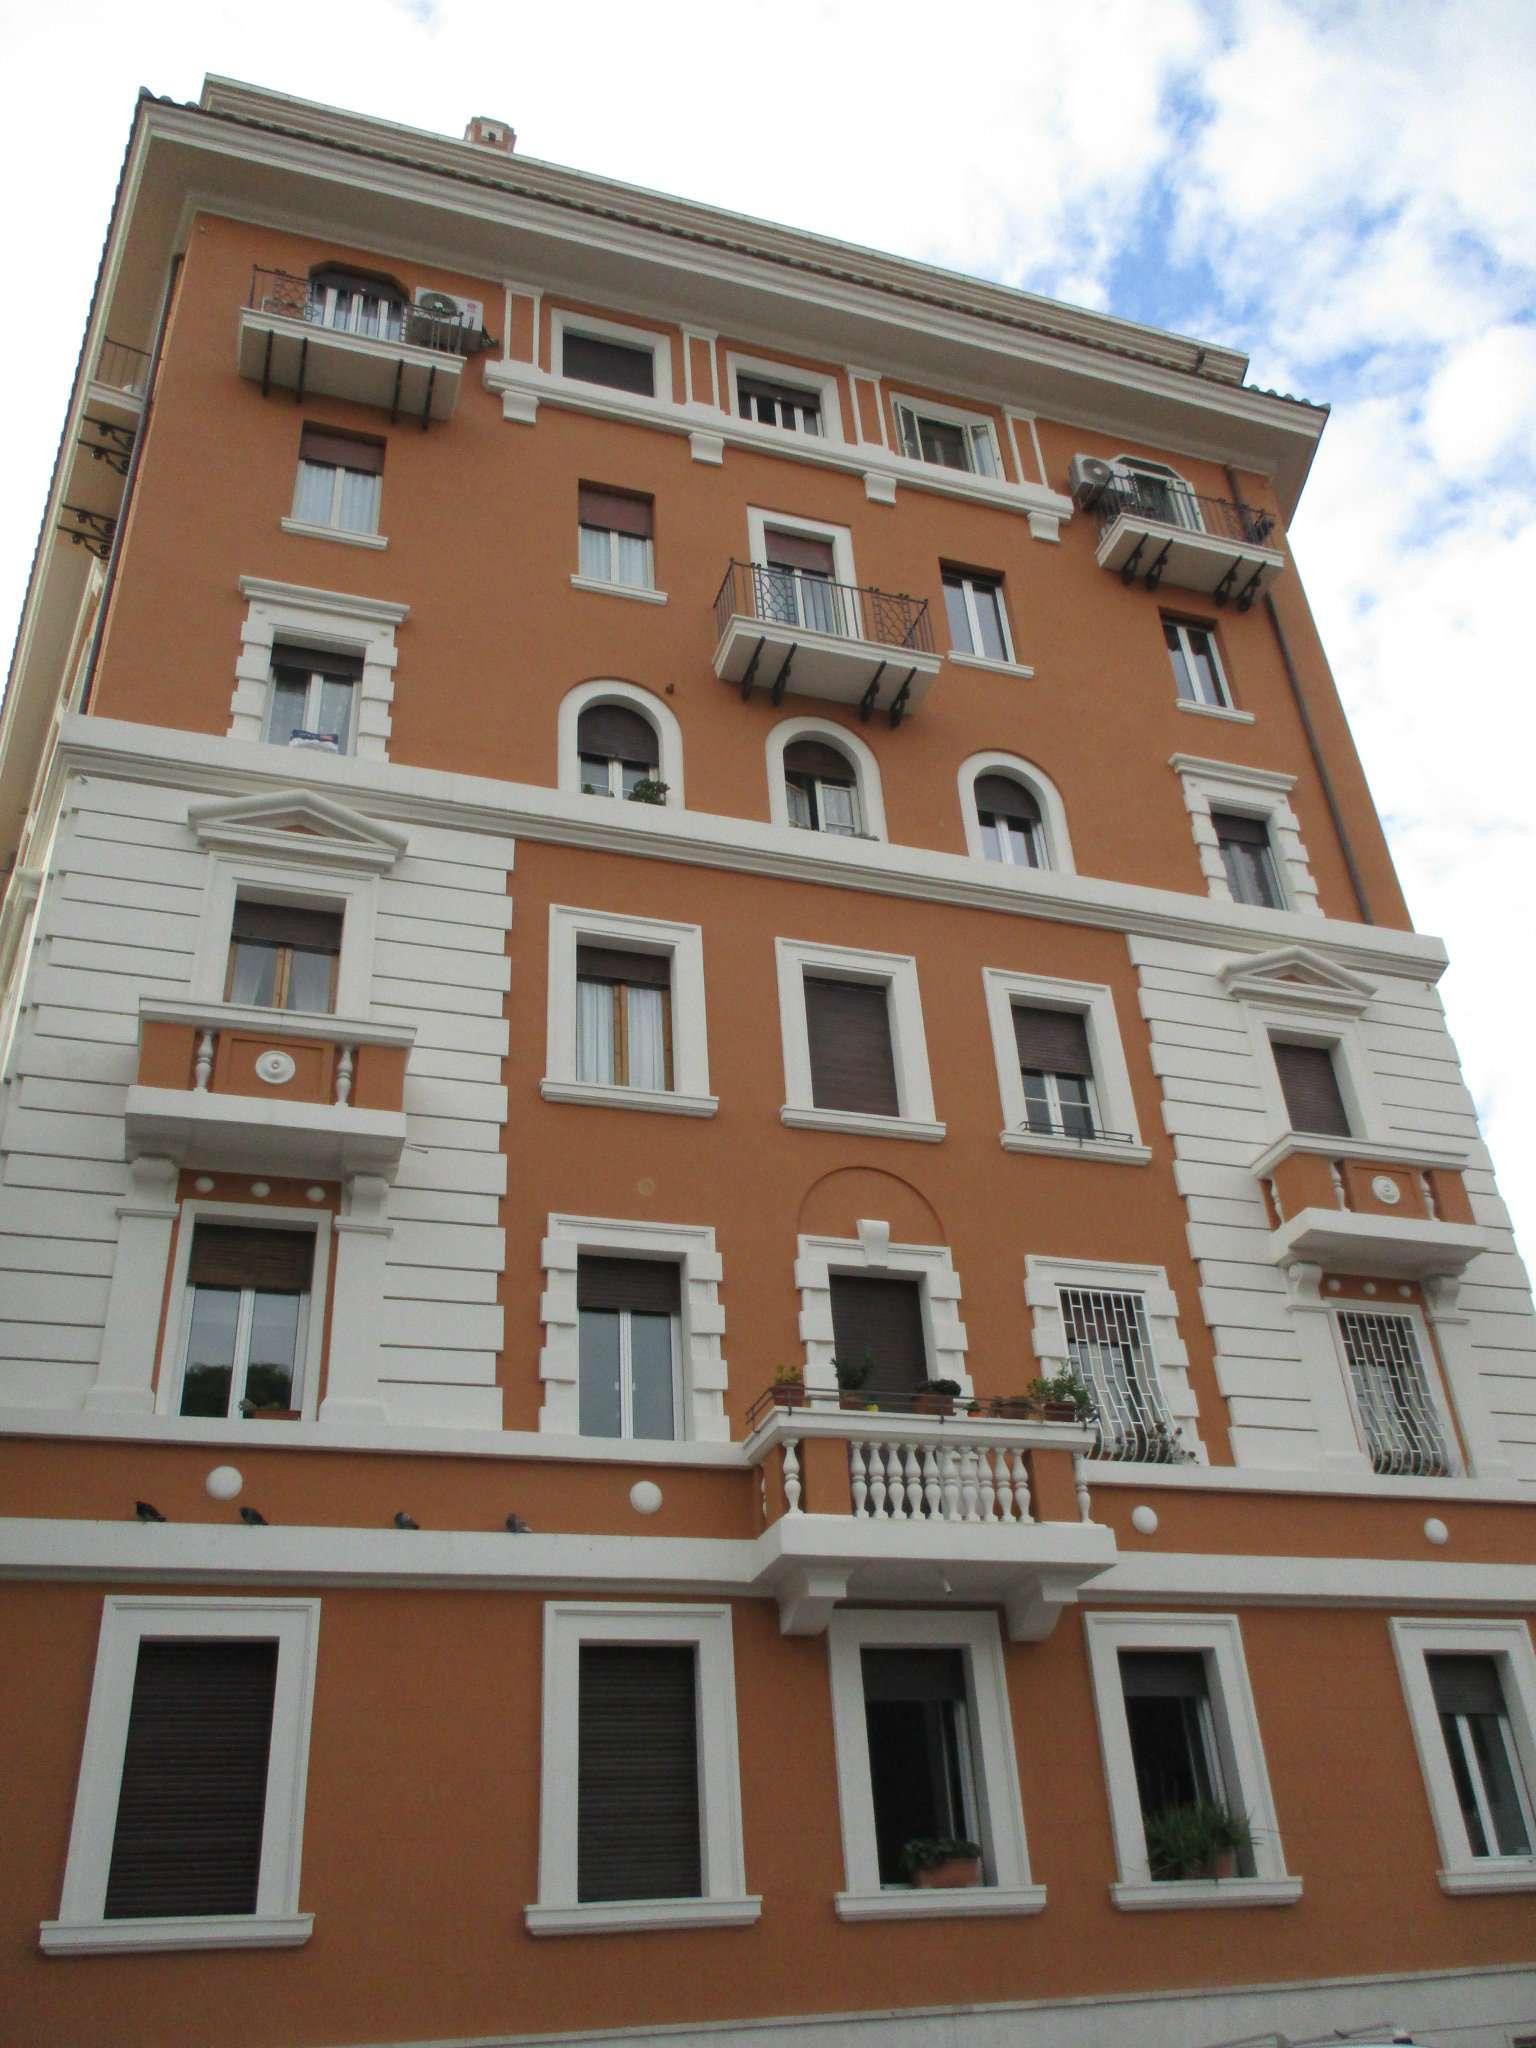 Annunci immobiliari inserzionista consulenza servizi di roma for Annunci immobiliari roma